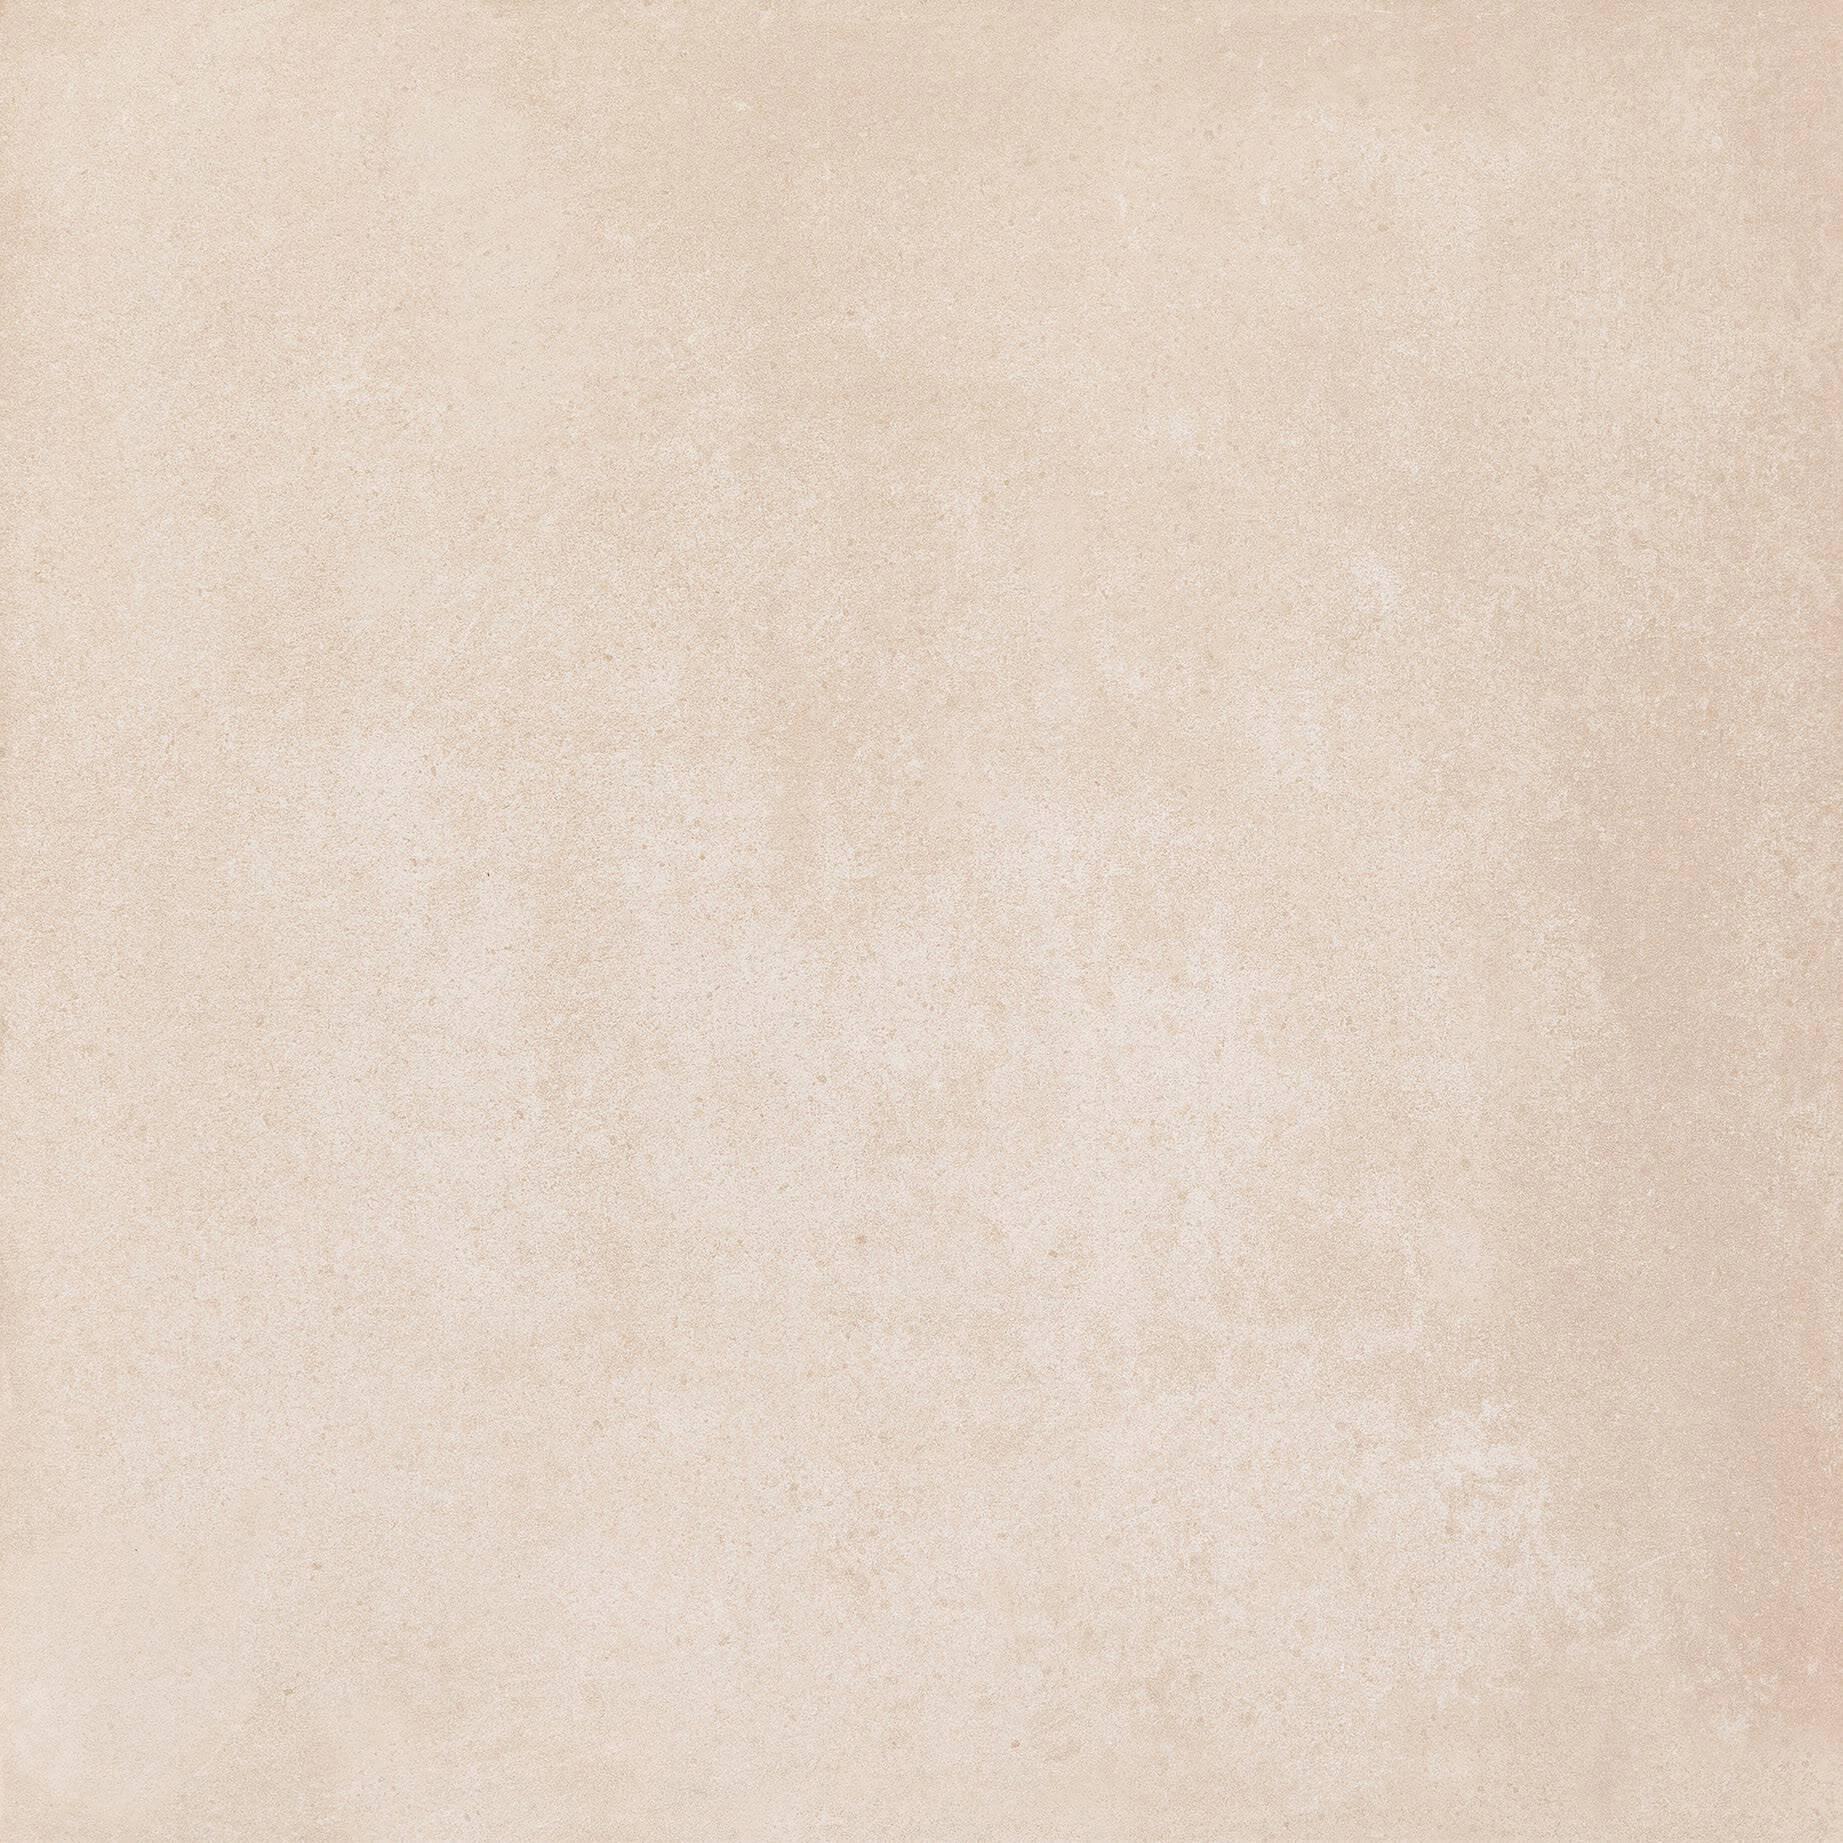 Carrelage sol aspect béton Atomium Avorio 60x60 cm